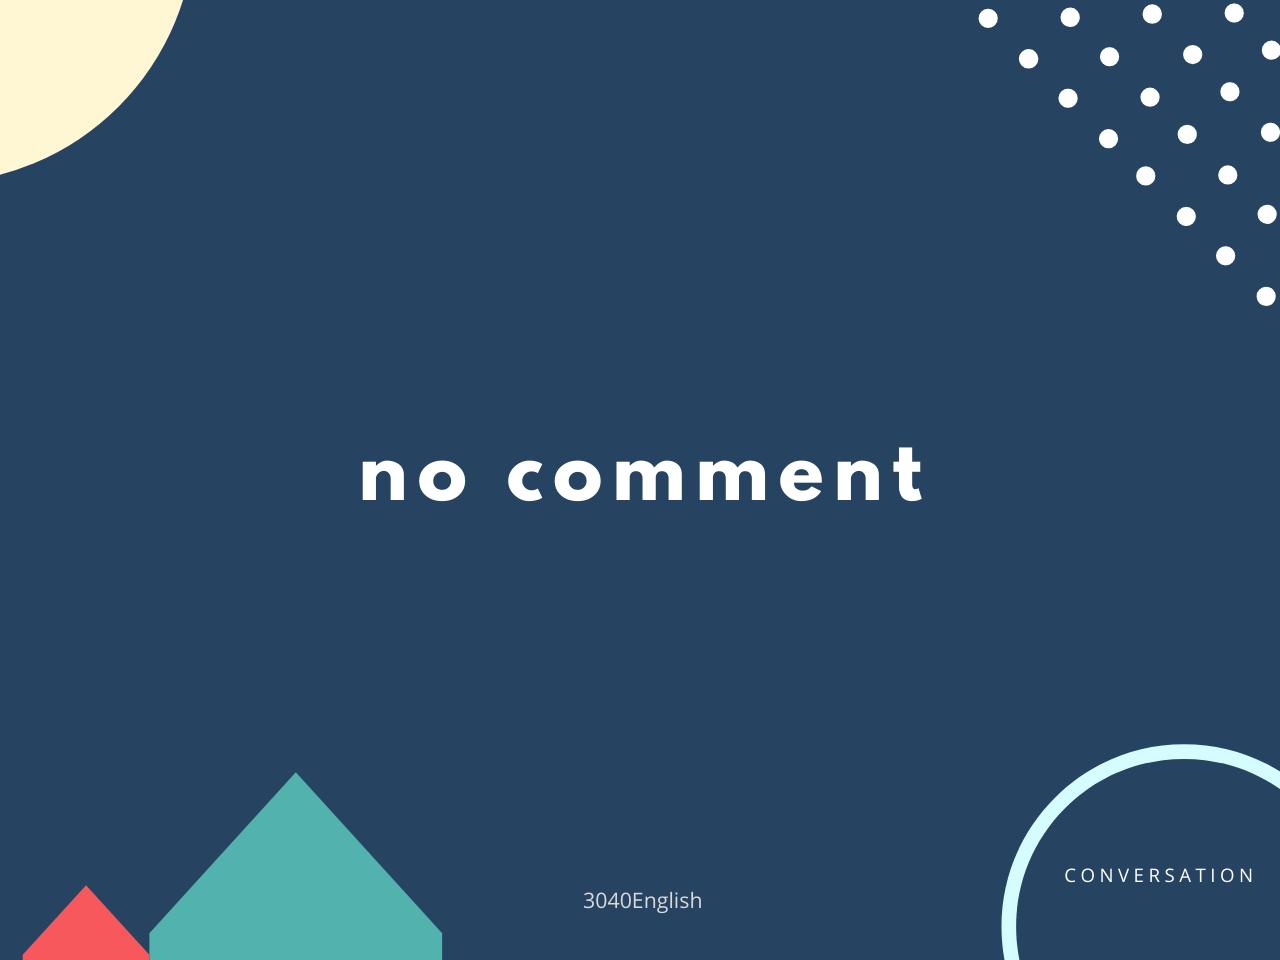 意見を言わない・コメントできないときの英語表現4選【英会話用】